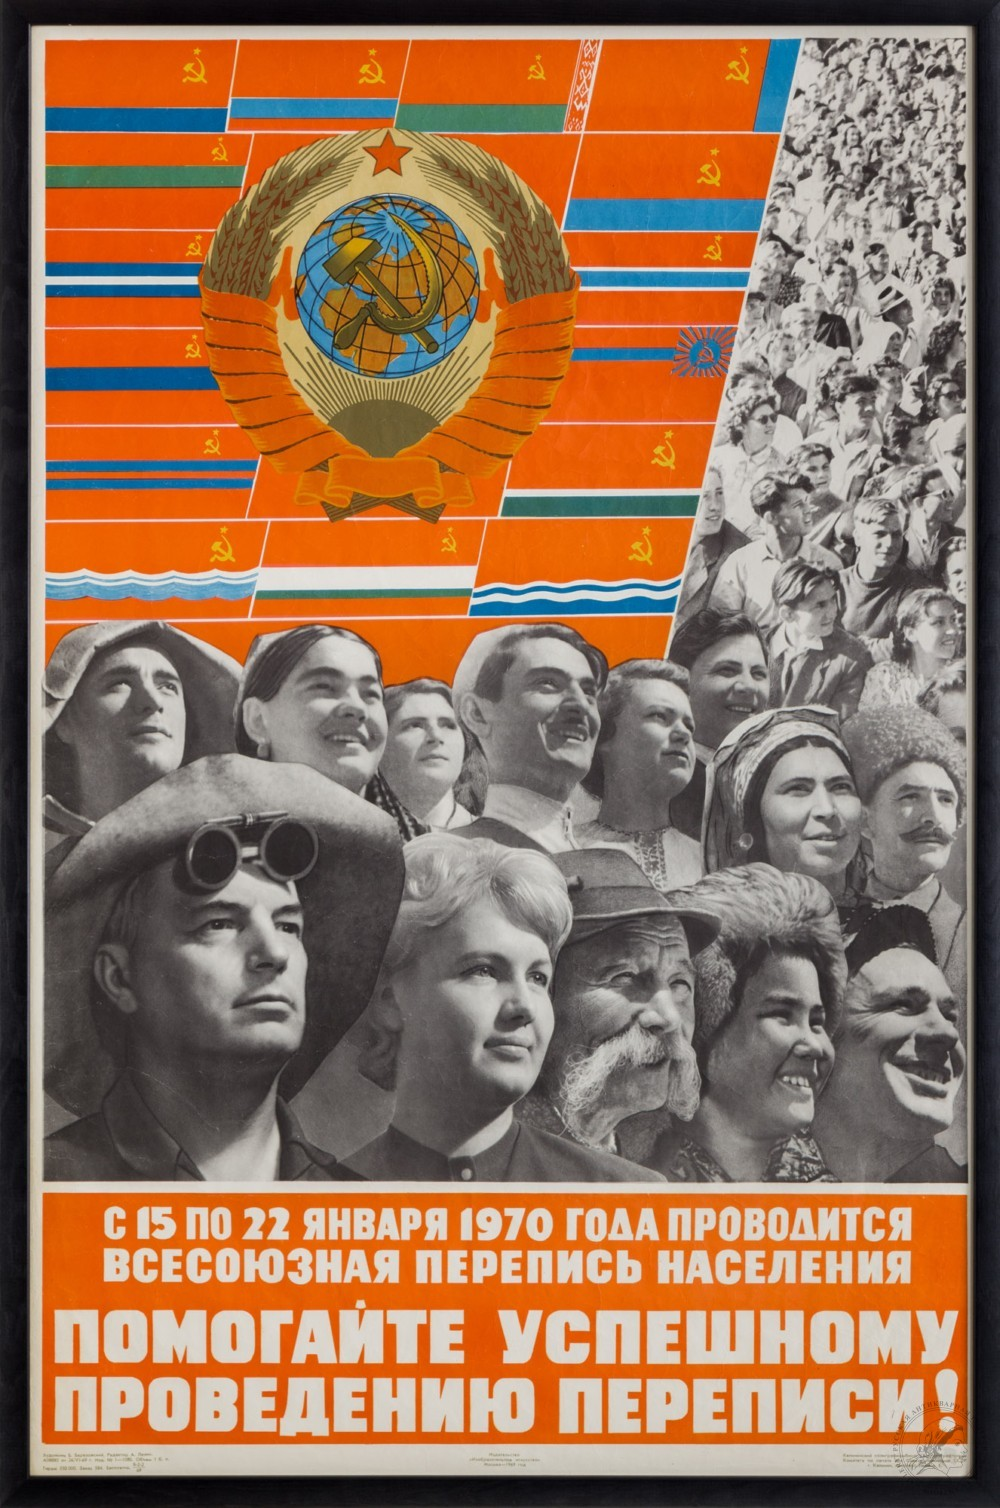 Плакат «Помогайте успешному проведению переписи!»